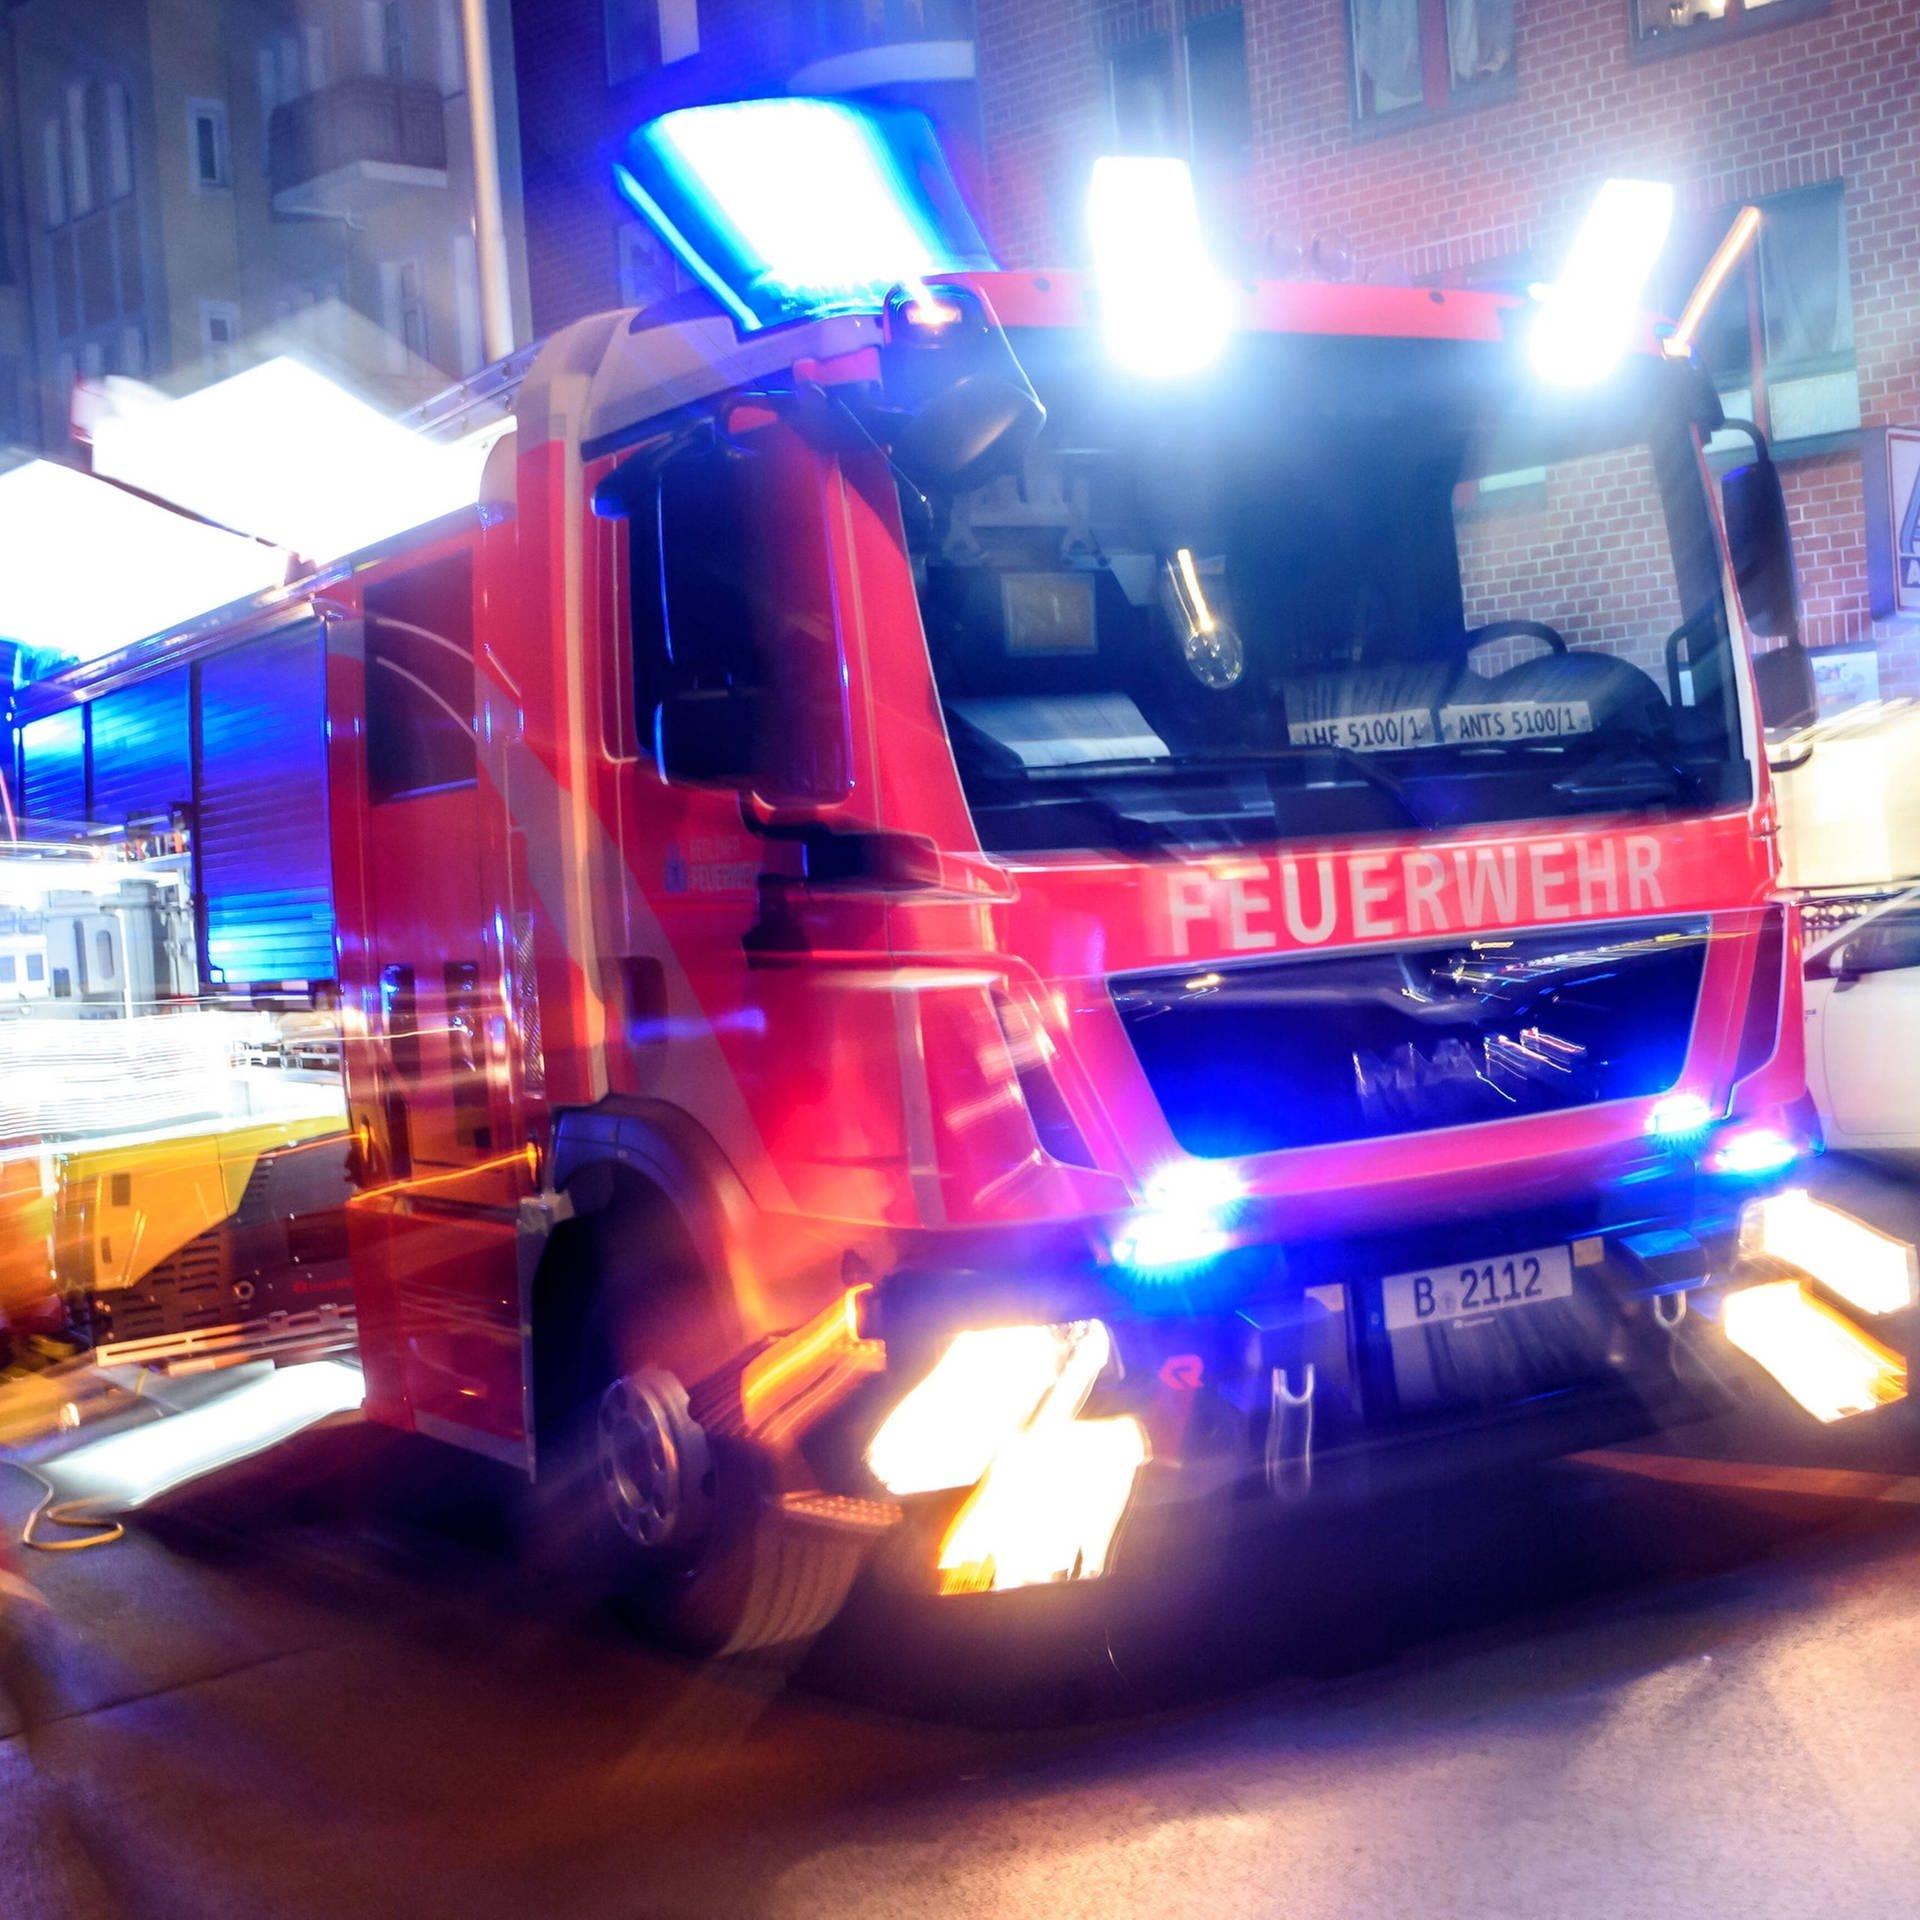 Gewalt gegen Pflege- und Einsatzkräfte – Helfer als Opfer